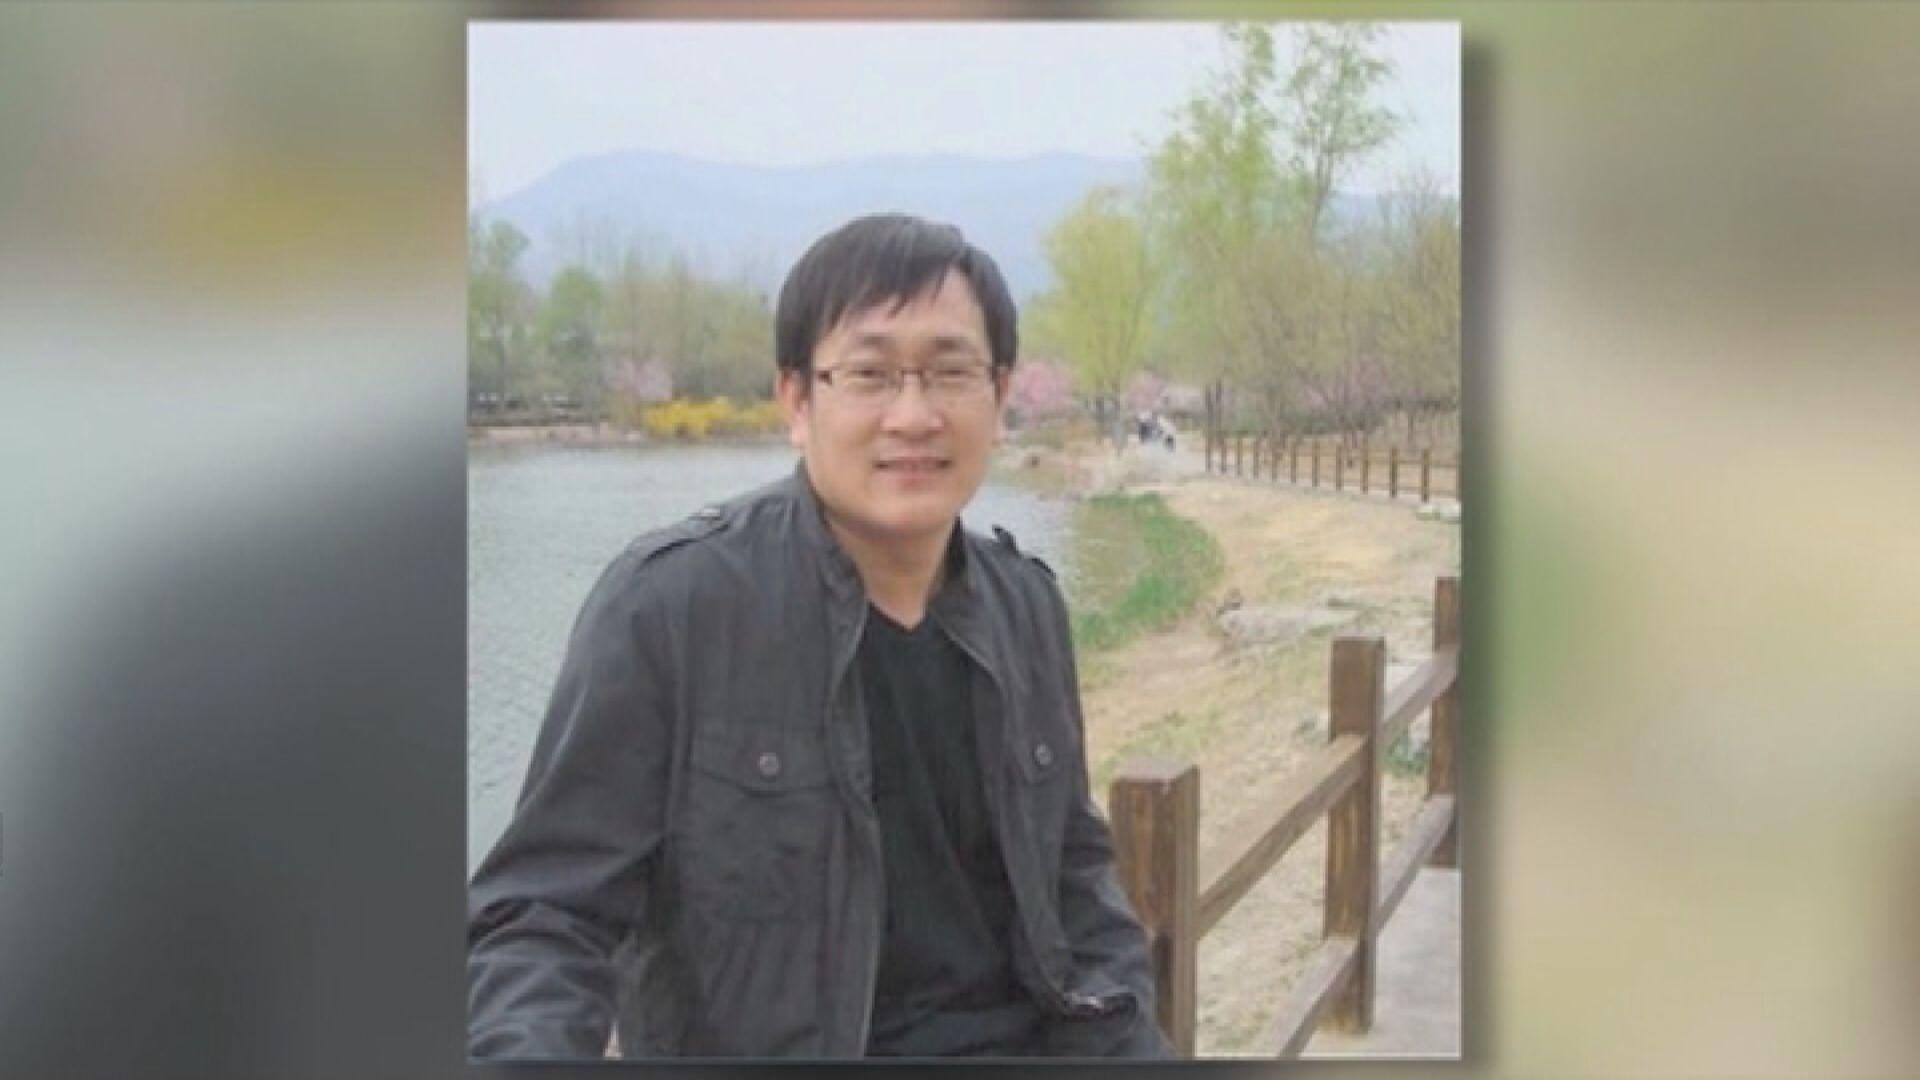 王全璋顛覆國家政權罪罪成判囚四年半